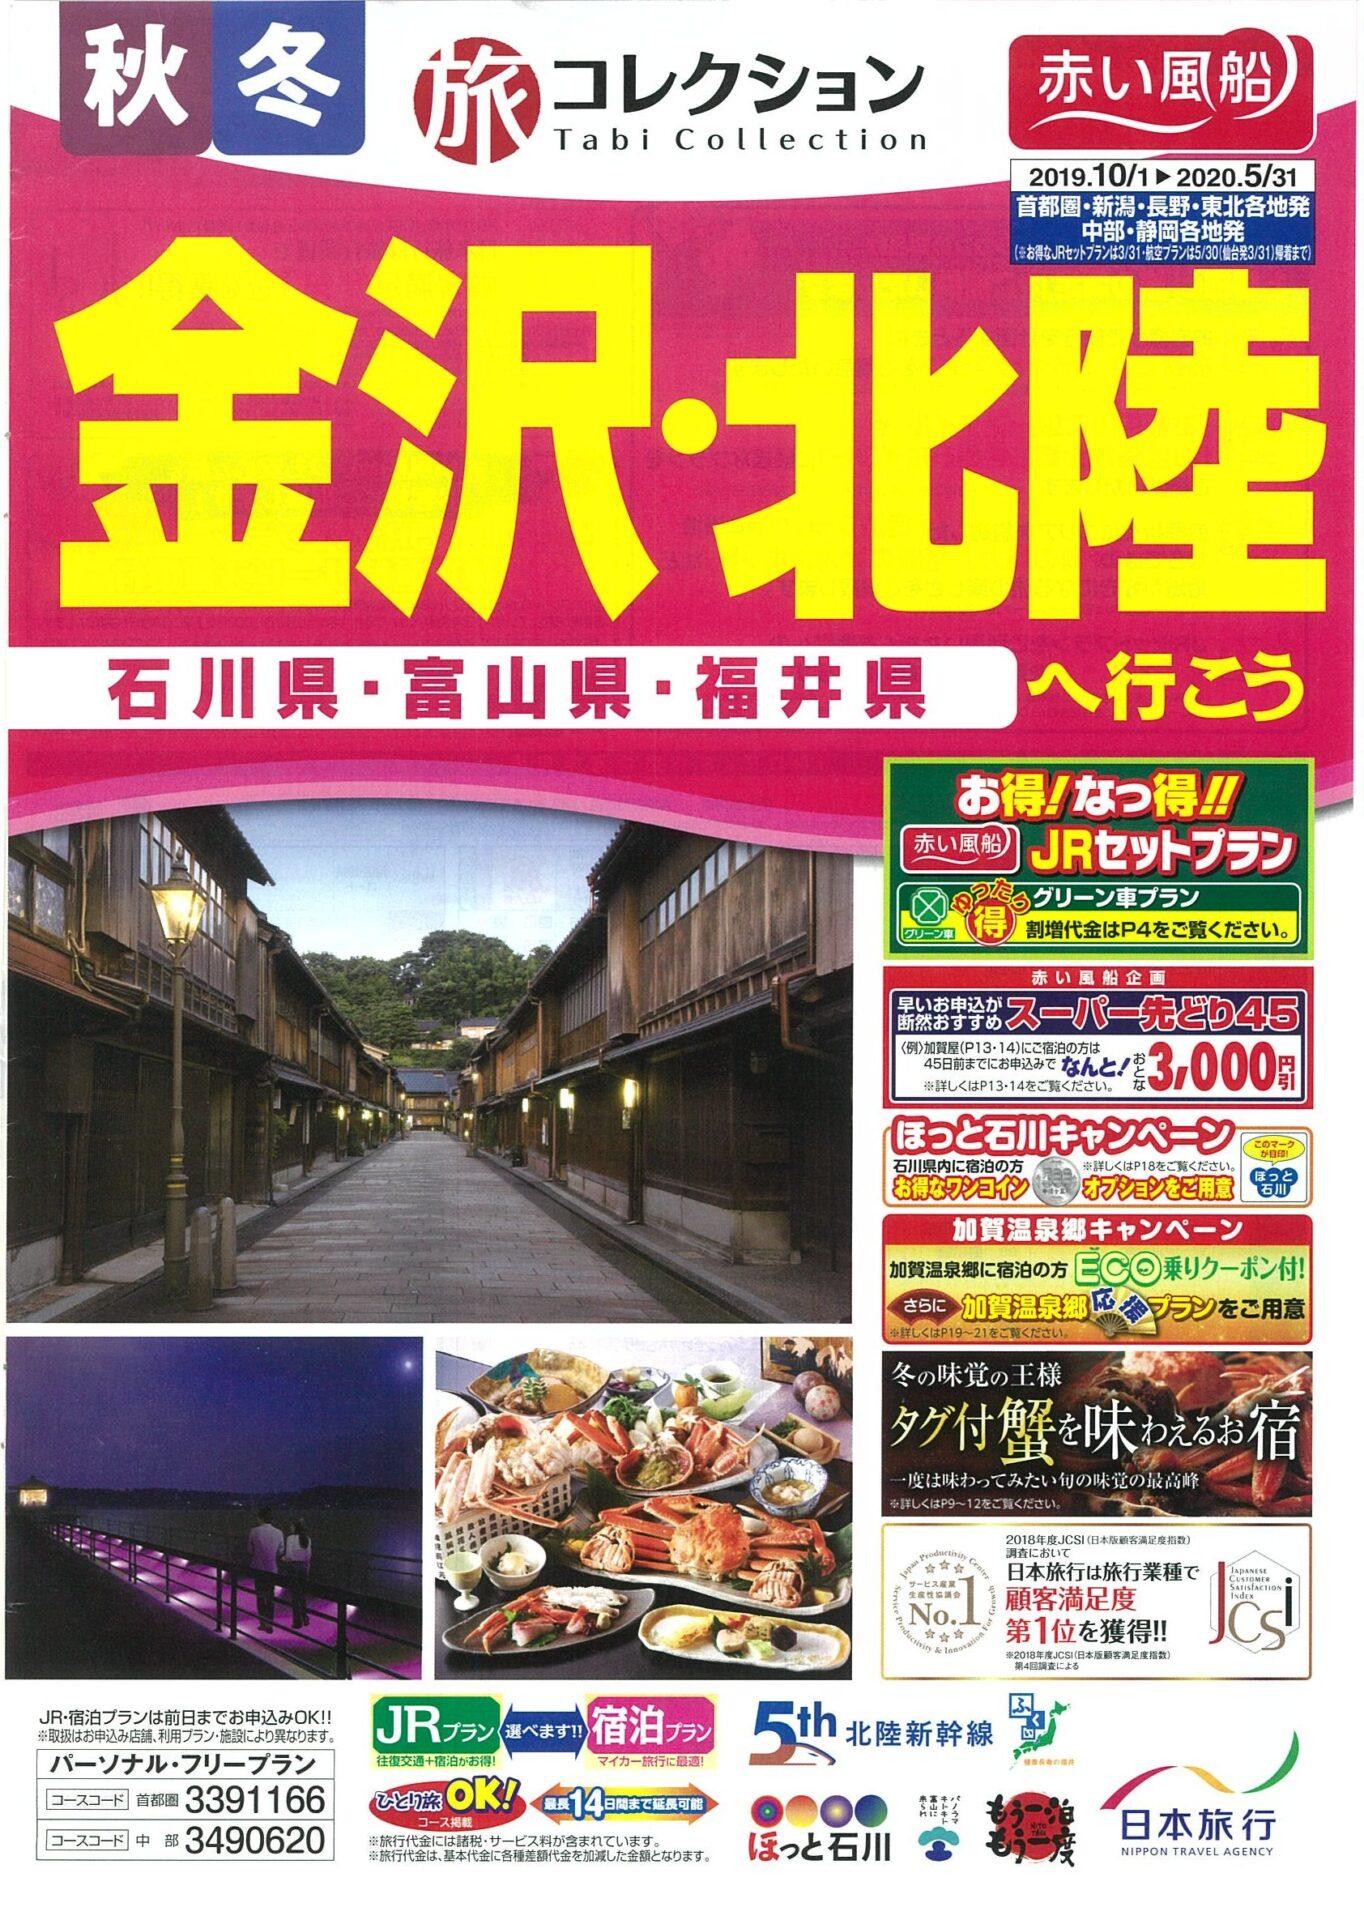 【旅コレクション】金沢・北陸へ行こう